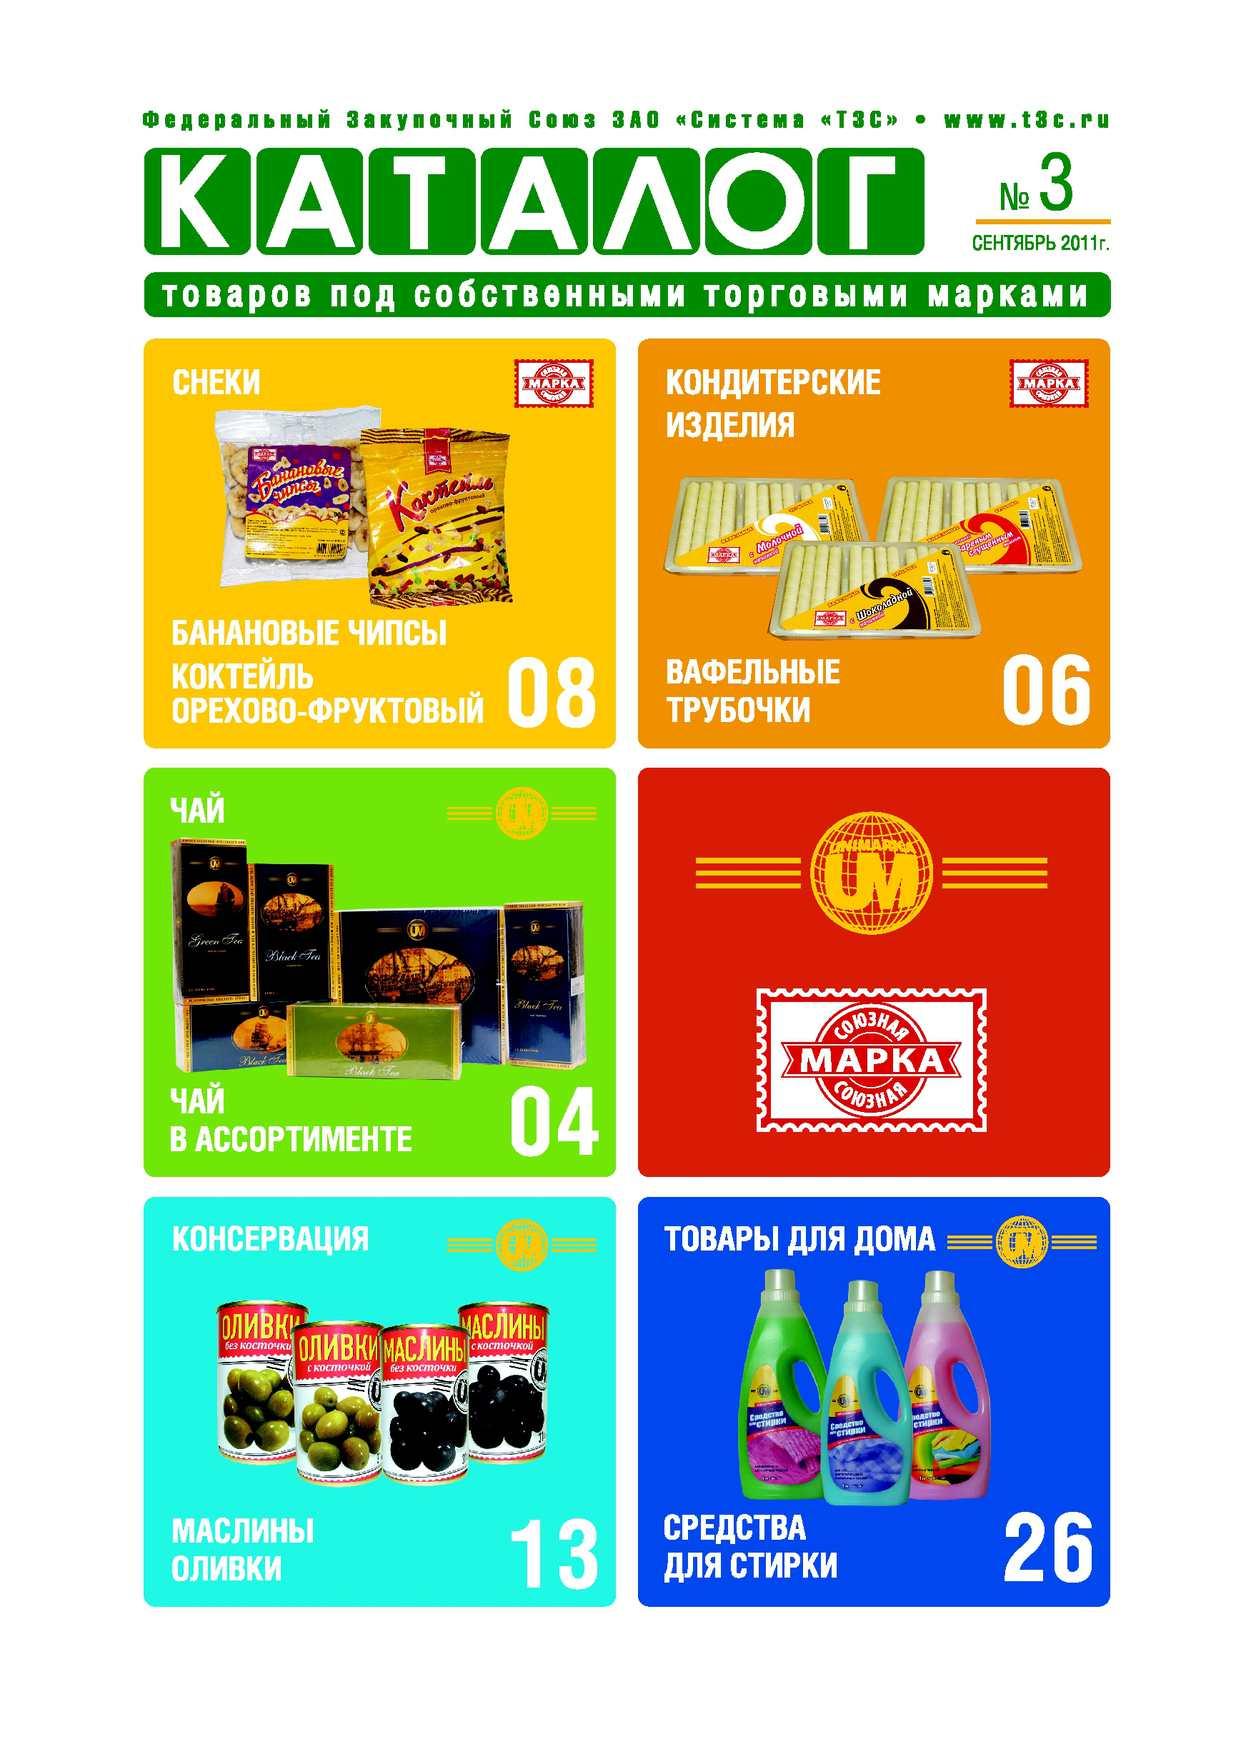 Каталог товаров под Собственными торговыми марками. Выпуск третий